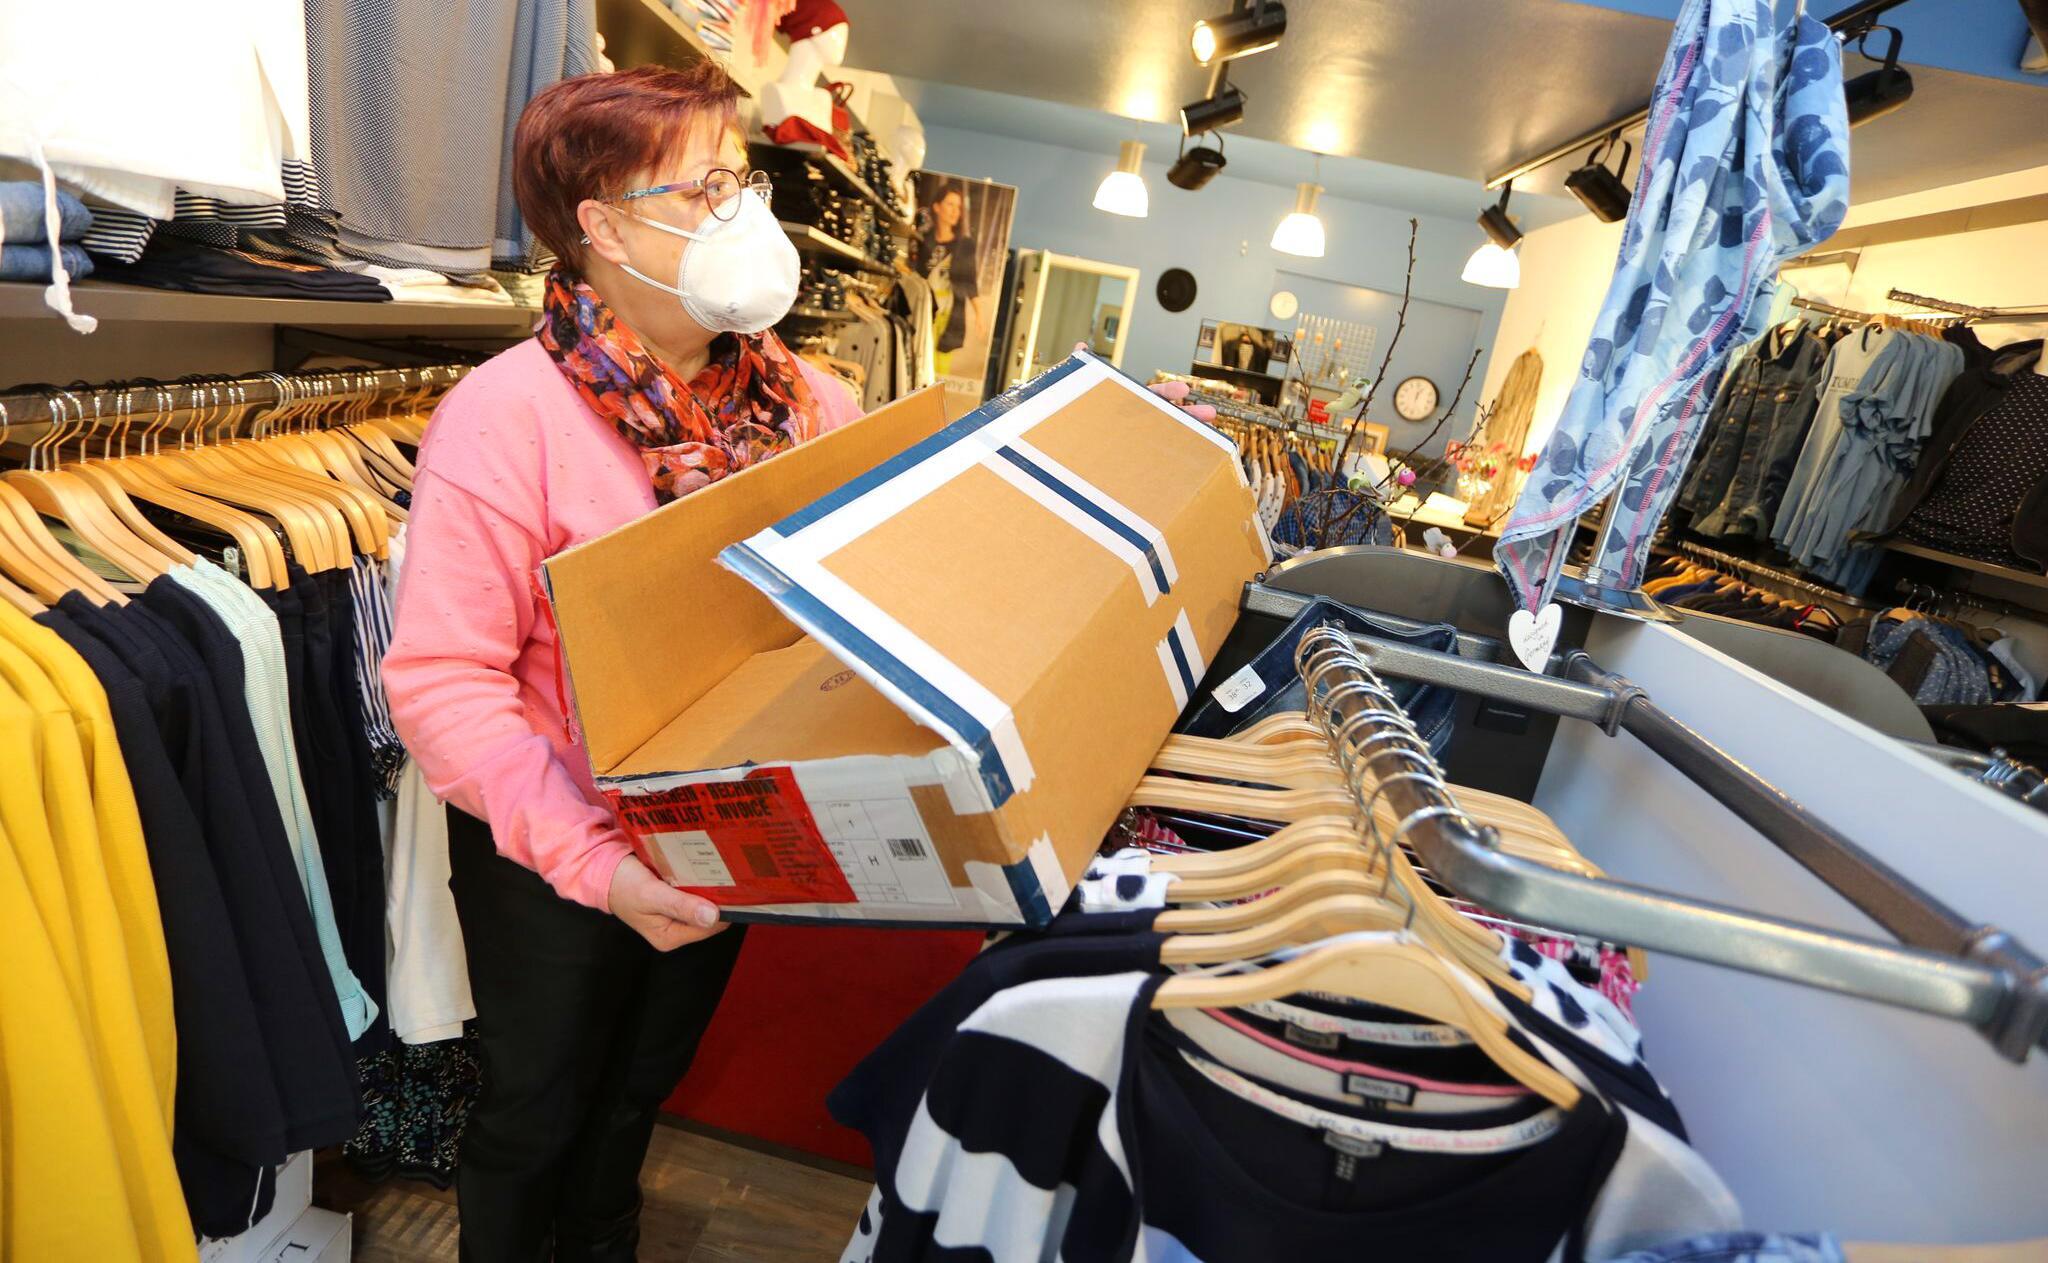 Bild zu Coronavirus - Einzelhändler bereiten sich auf Öffnung vor